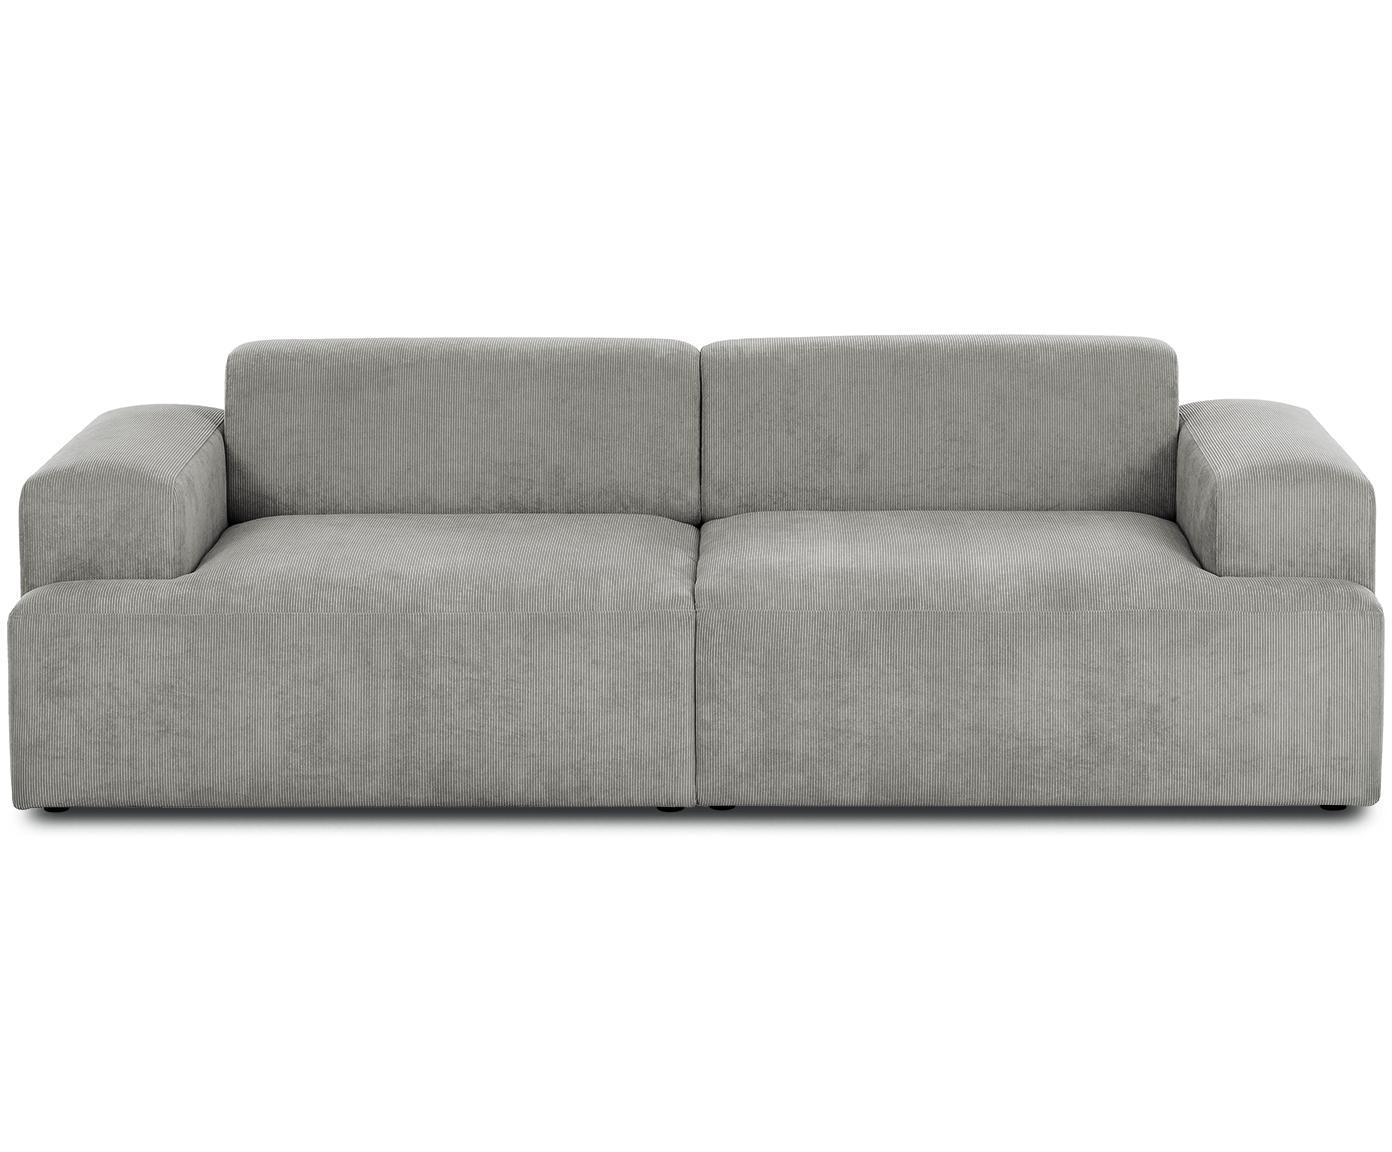 Sofa ze sztruksu Melva (3-osobowa), Tapicerka: sztruks (92% poliester, 8, Stelaż: lite drewno sosnowe, płyt, Nogi: drewno sosnowe, Sztruks szary, S 240 x G 101 cm